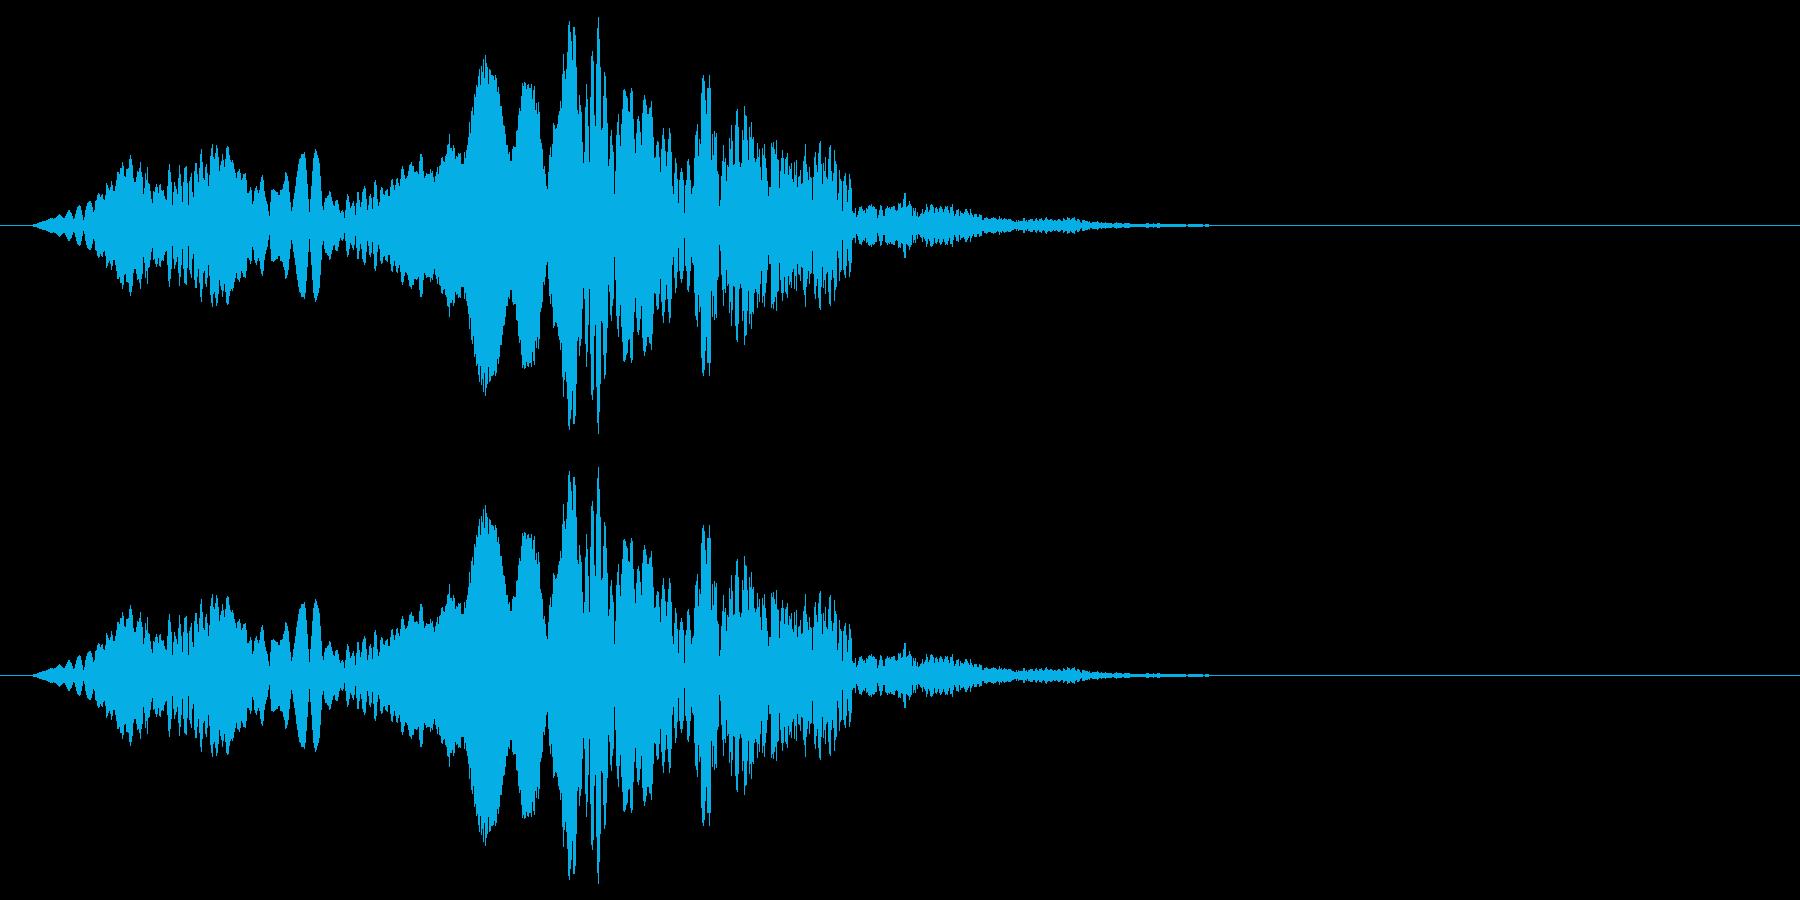 幽霊達の調律の再生済みの波形